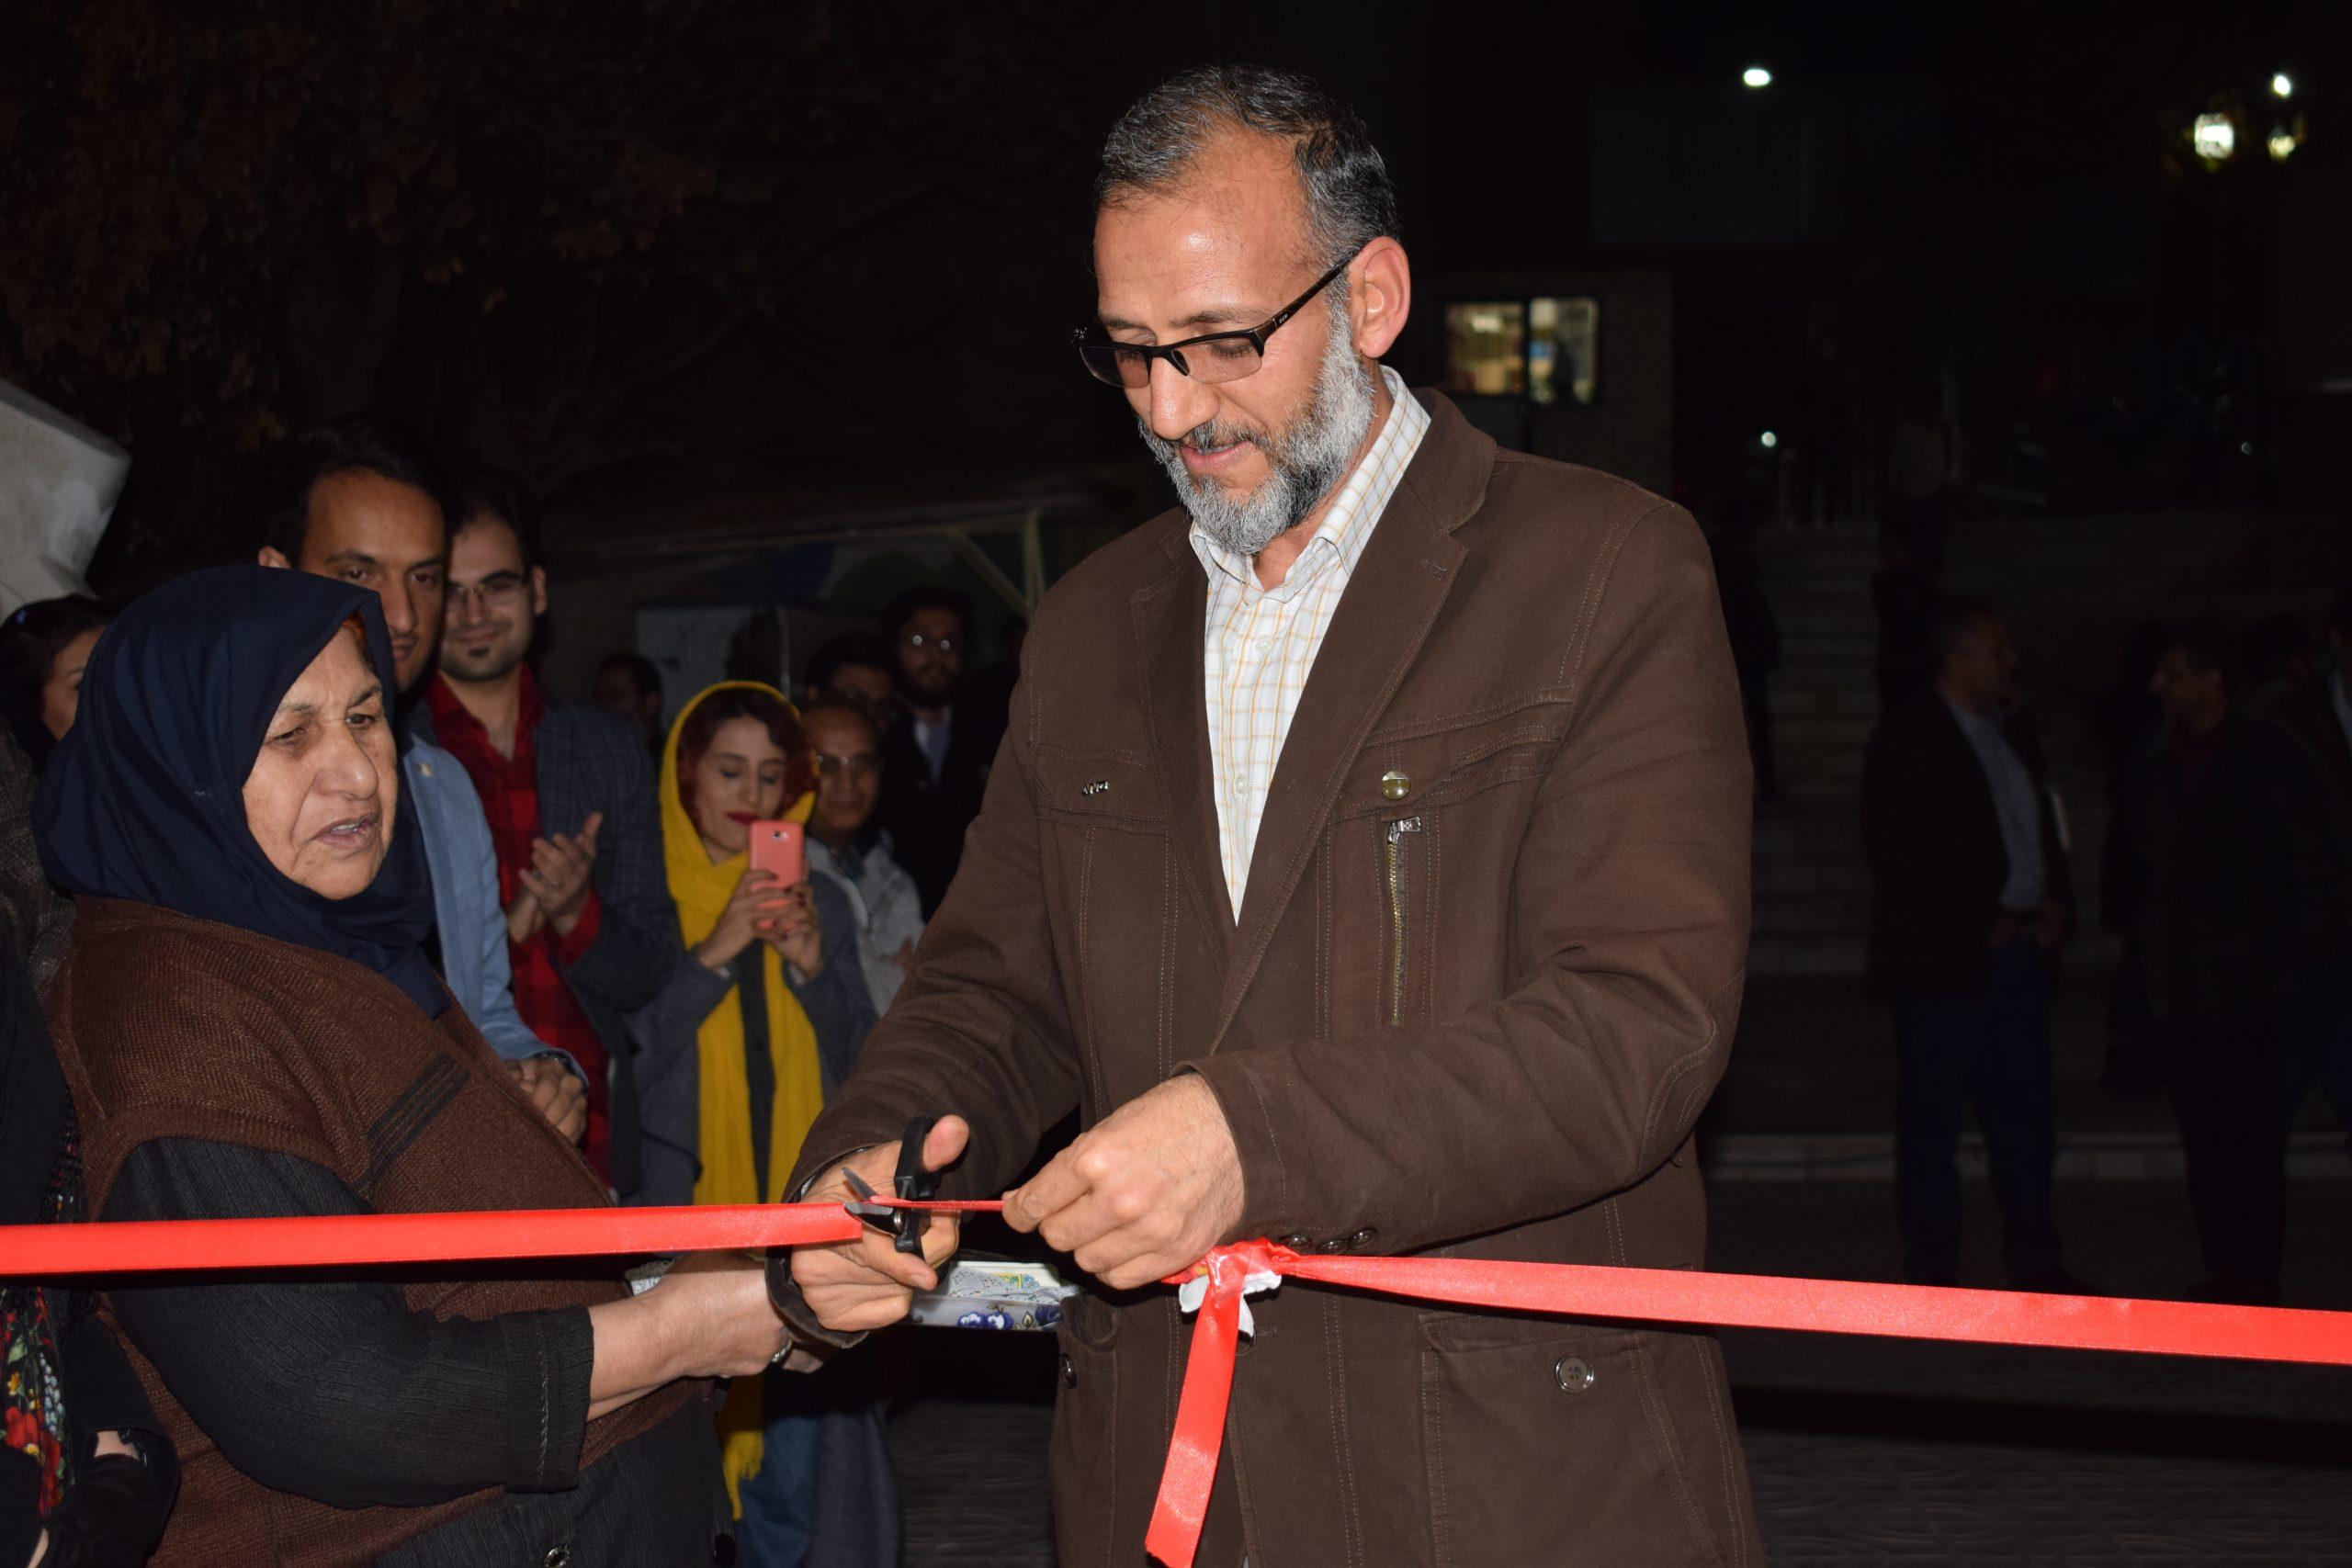 آغازبه کار هفته فیلم وعکس انجمن سینمای جوانان نیشابور